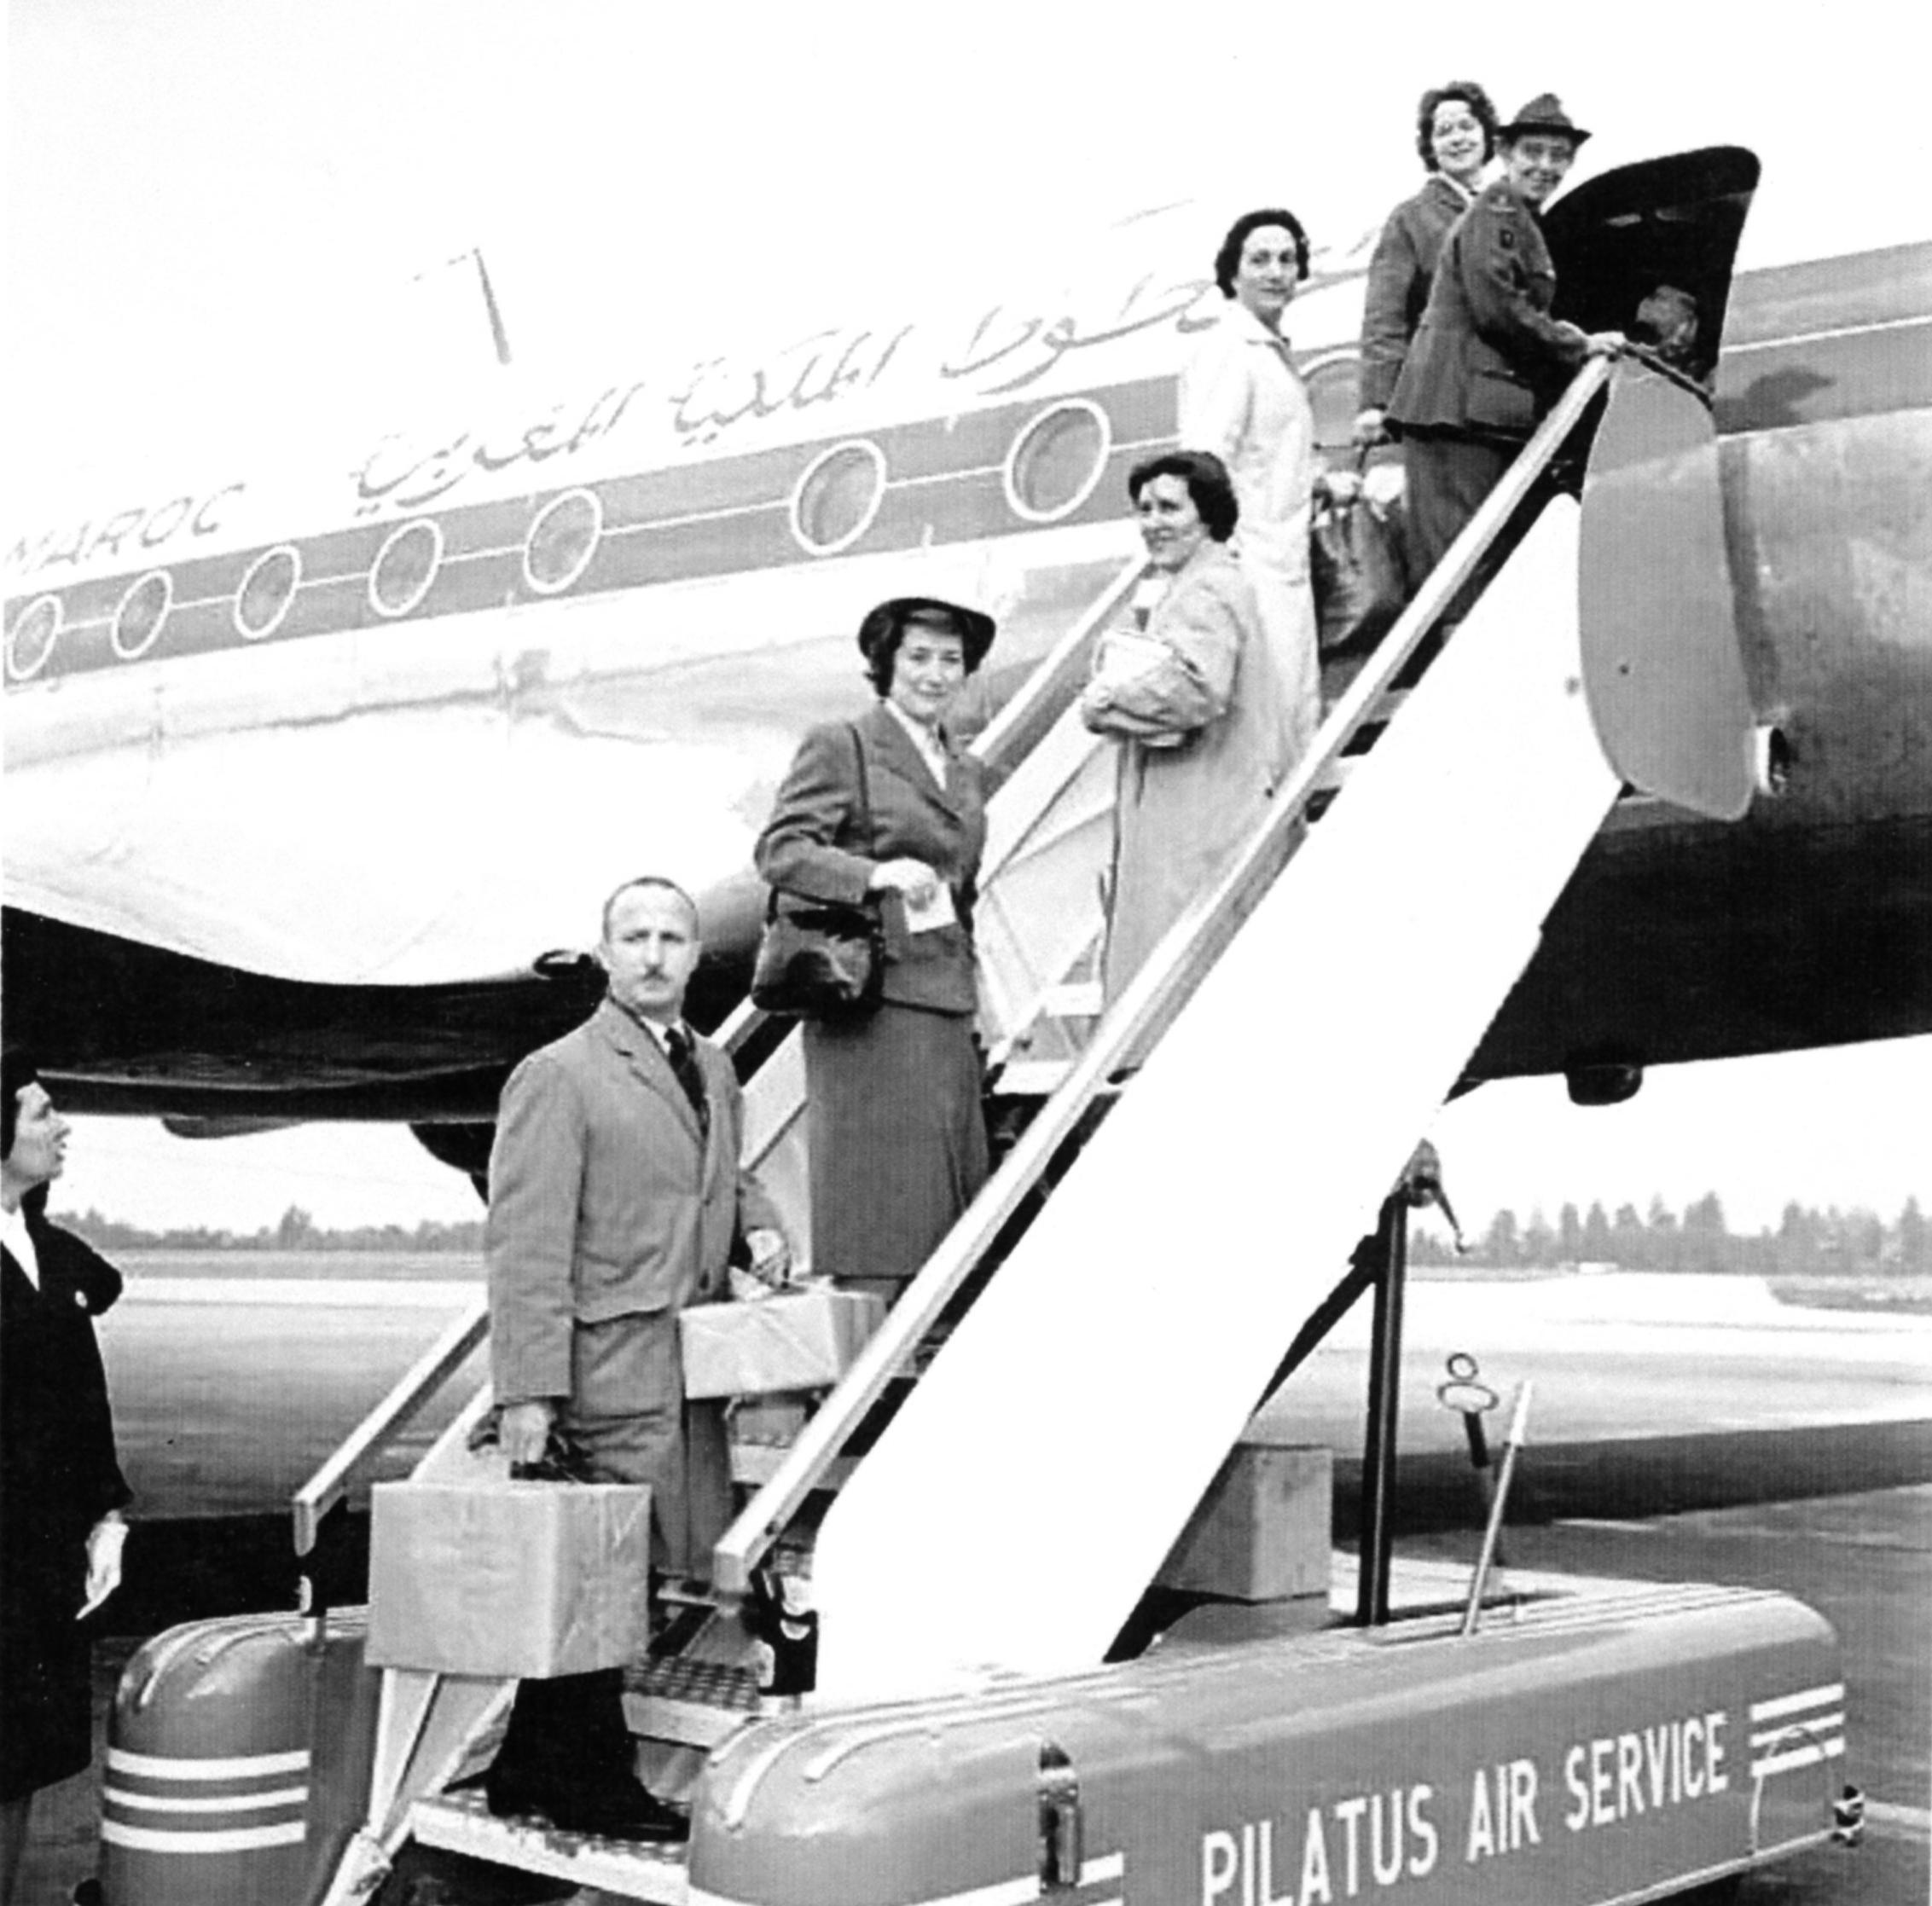 Anciens avions de la RAM - Page 4 51018412751_336b17c003_o_d